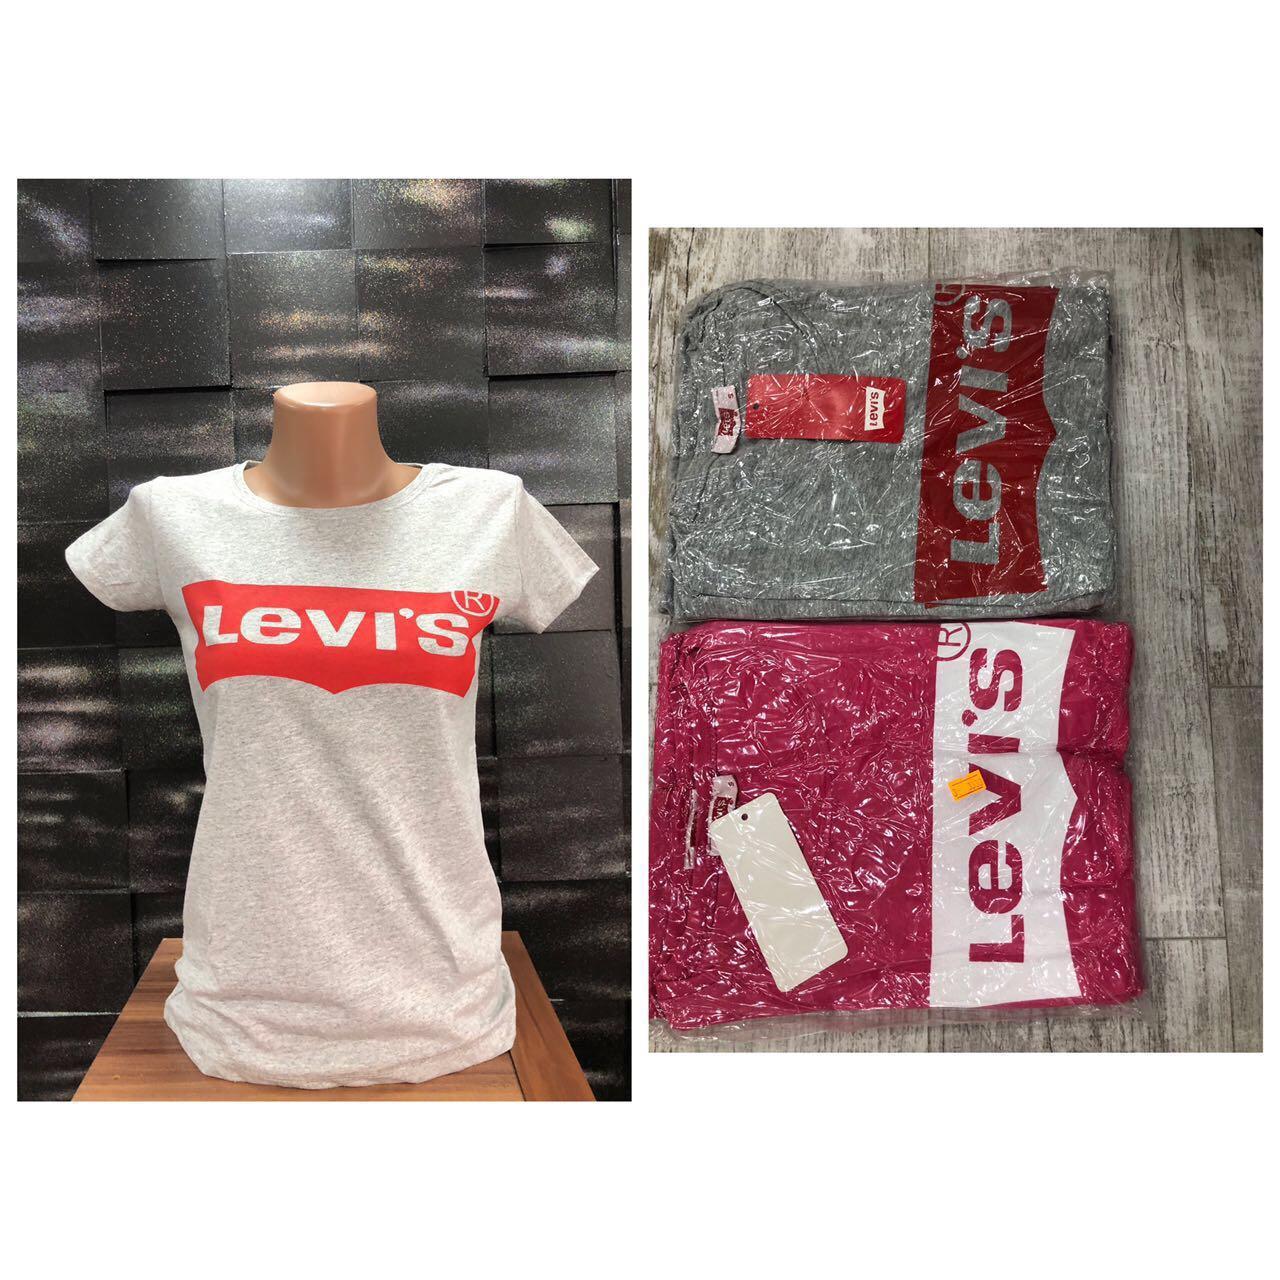 Футболка женская Levi's. Отличное качество, хлопок, Турция. Размеры с,м,л,хл, расцветки